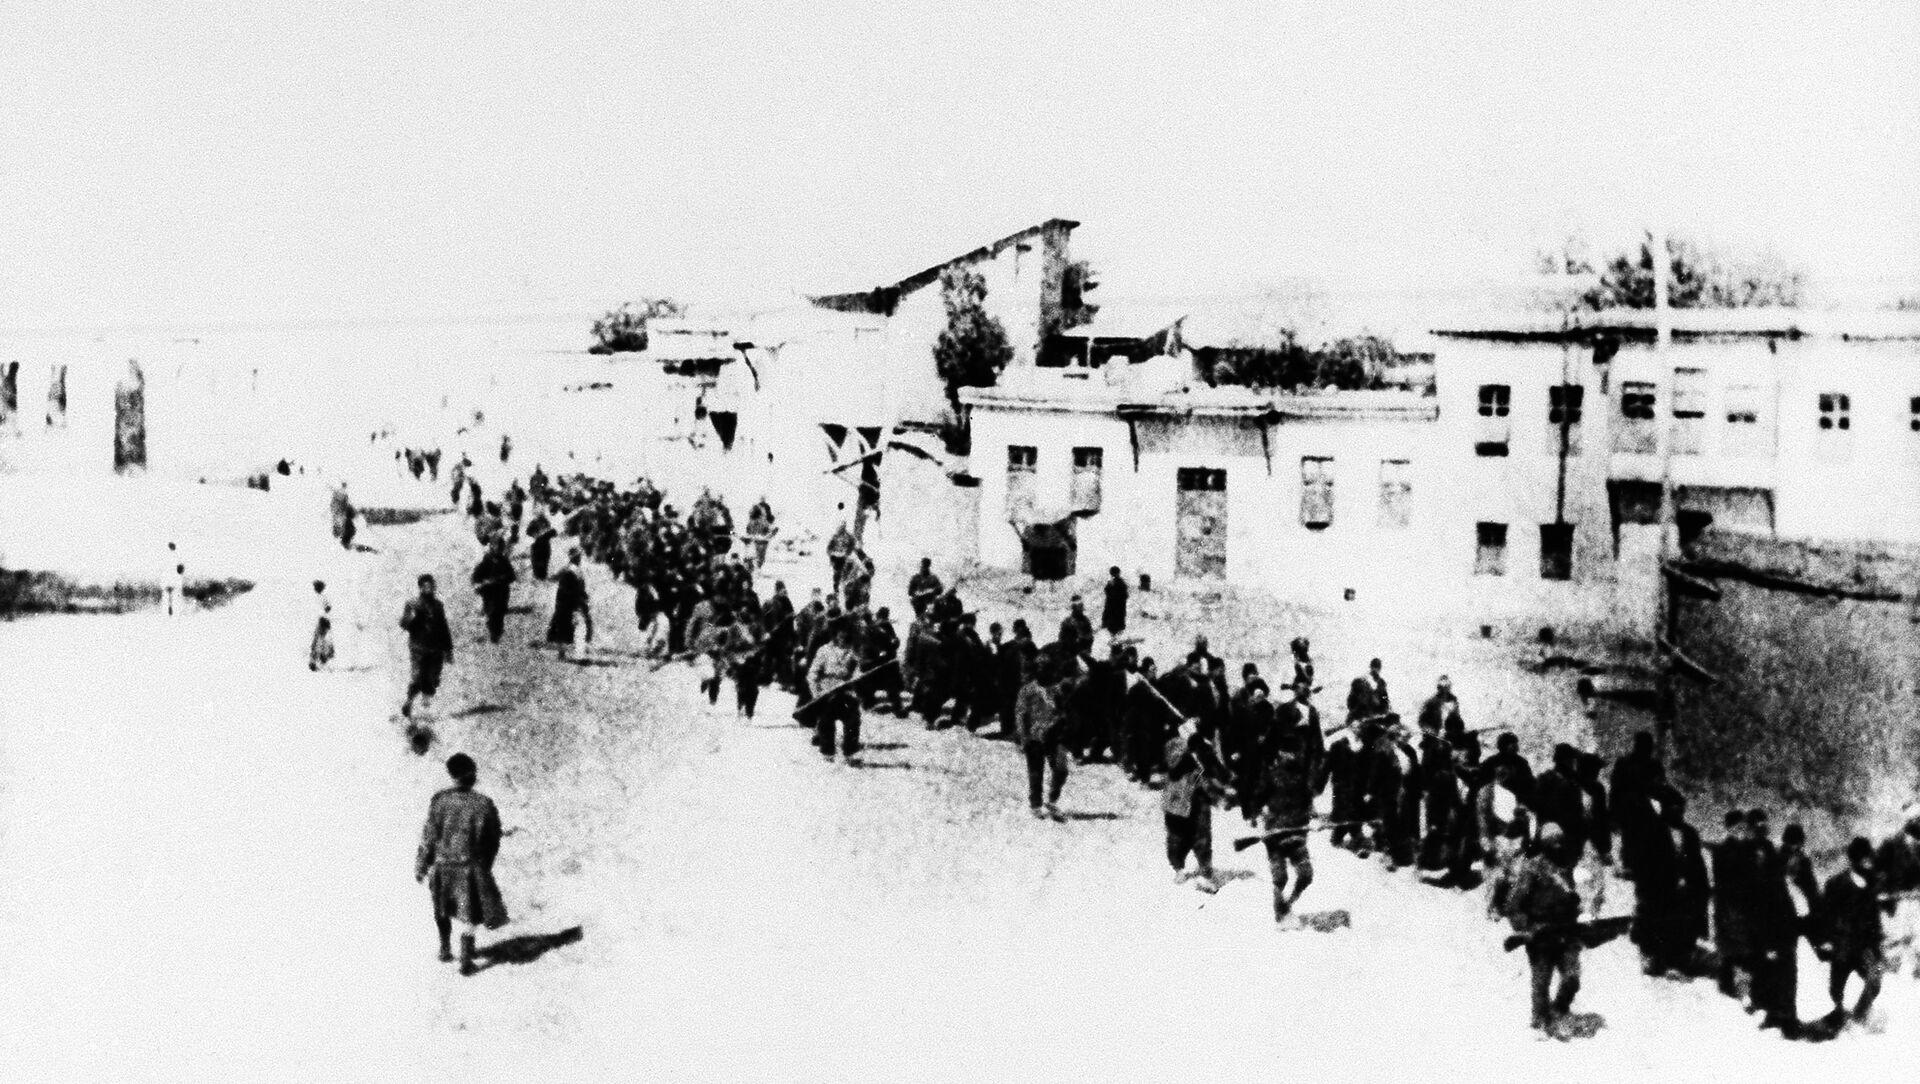 Civili armeni in marcia scortati da soldati ottomani nella città turca di Elazig, aprile 1915 - Sputnik Italia, 1920, 24.04.2021